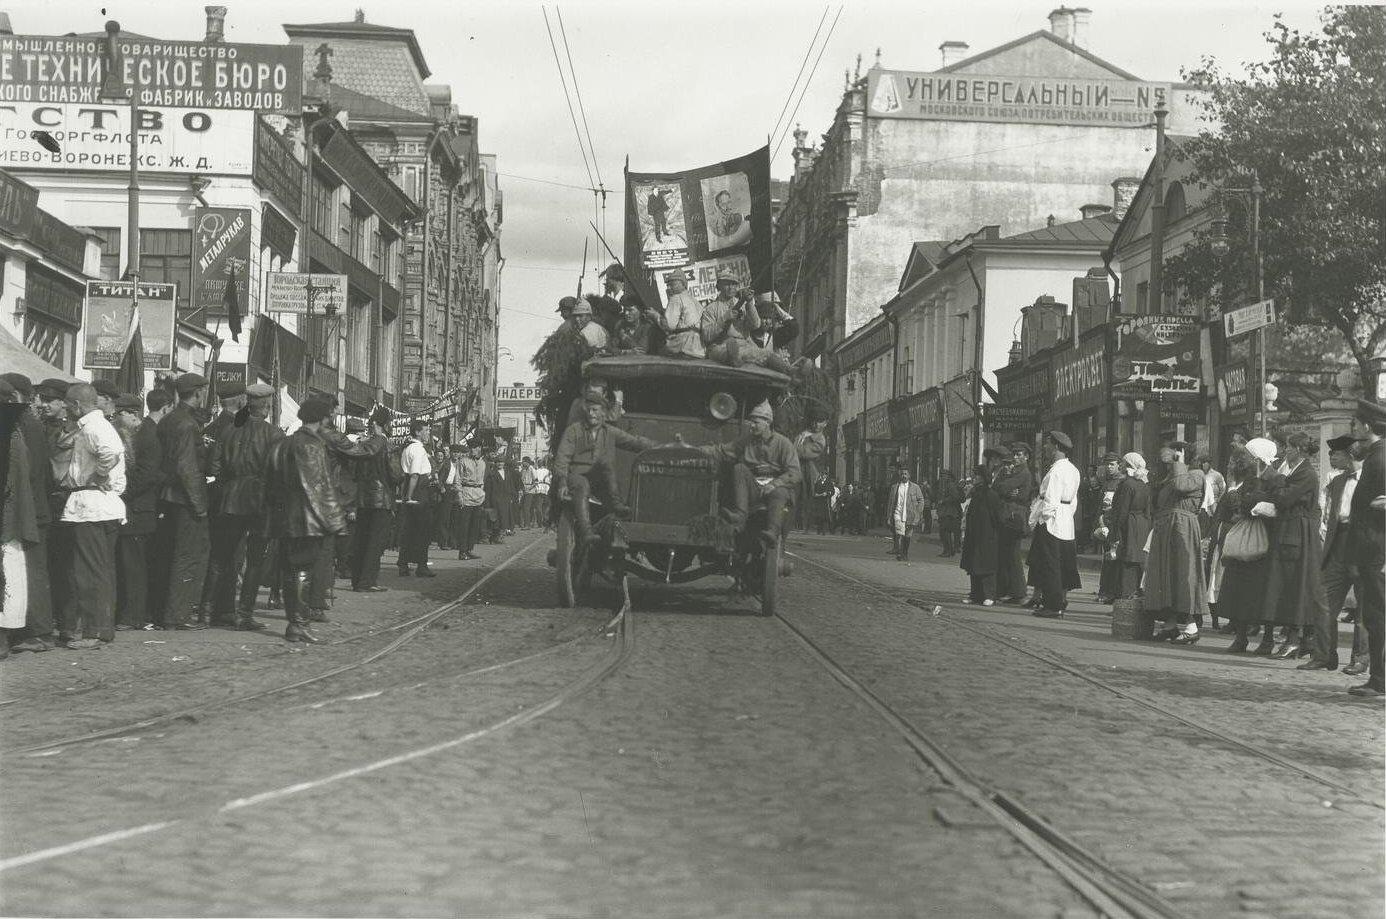 1924. Международный юношеский день (МЮД). Агитационный автомобиль на Мясницкой улице